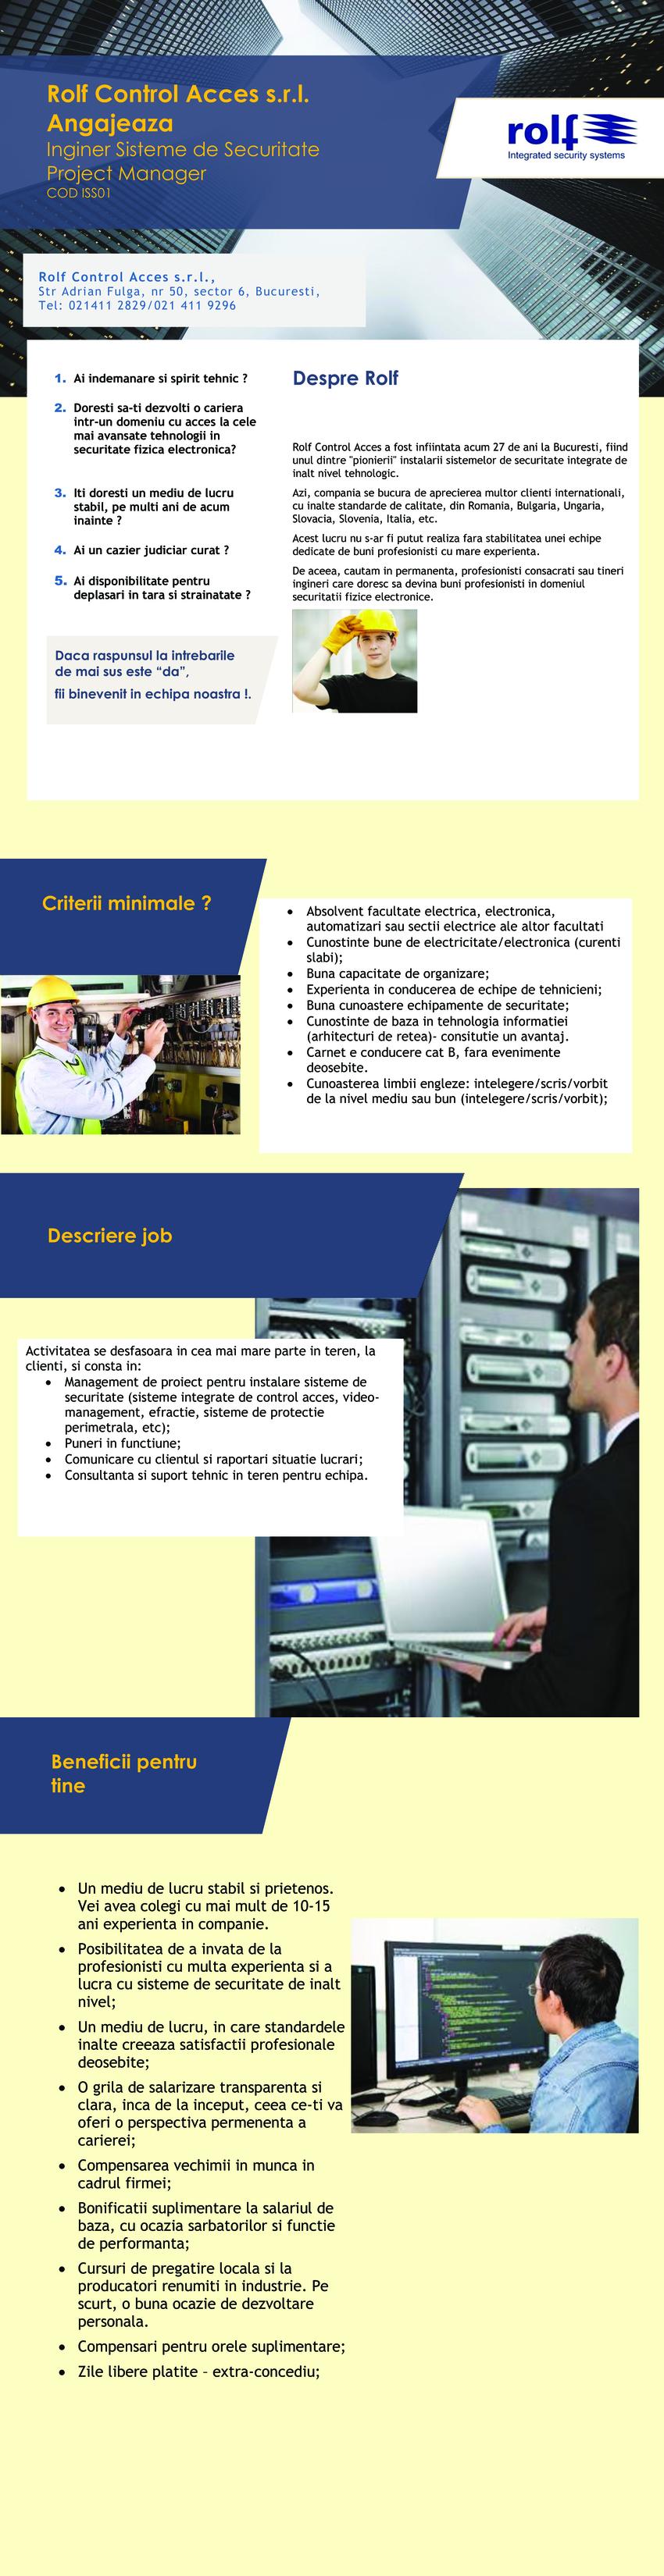 Inginer Sisteme de Securitate  Rolf Control Acces a fost infiintata acum 25 de ani la Bucuresti.Activitatile noastre principale sunt: proiectare, instalare si intretinerea sistemelor integrate de securitate pentru industrie si sectorul comercial. Suntem o companie care furnizeaza,